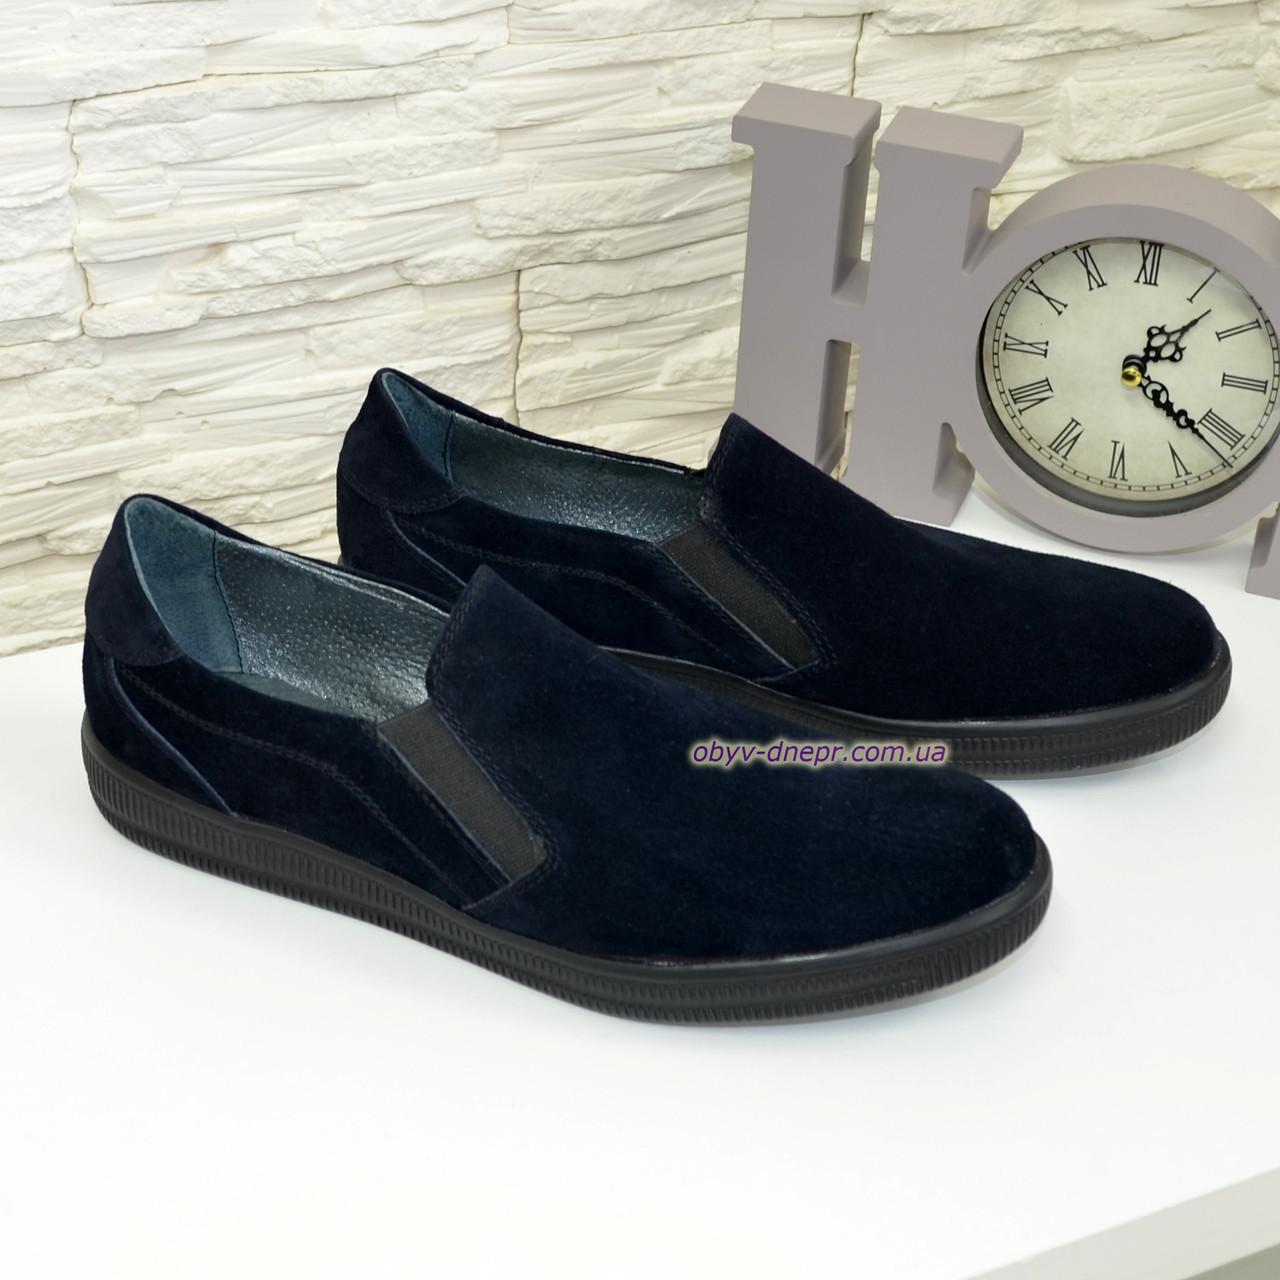 Чоловічі туфлі-мокасини з натуральної замші синього кольору